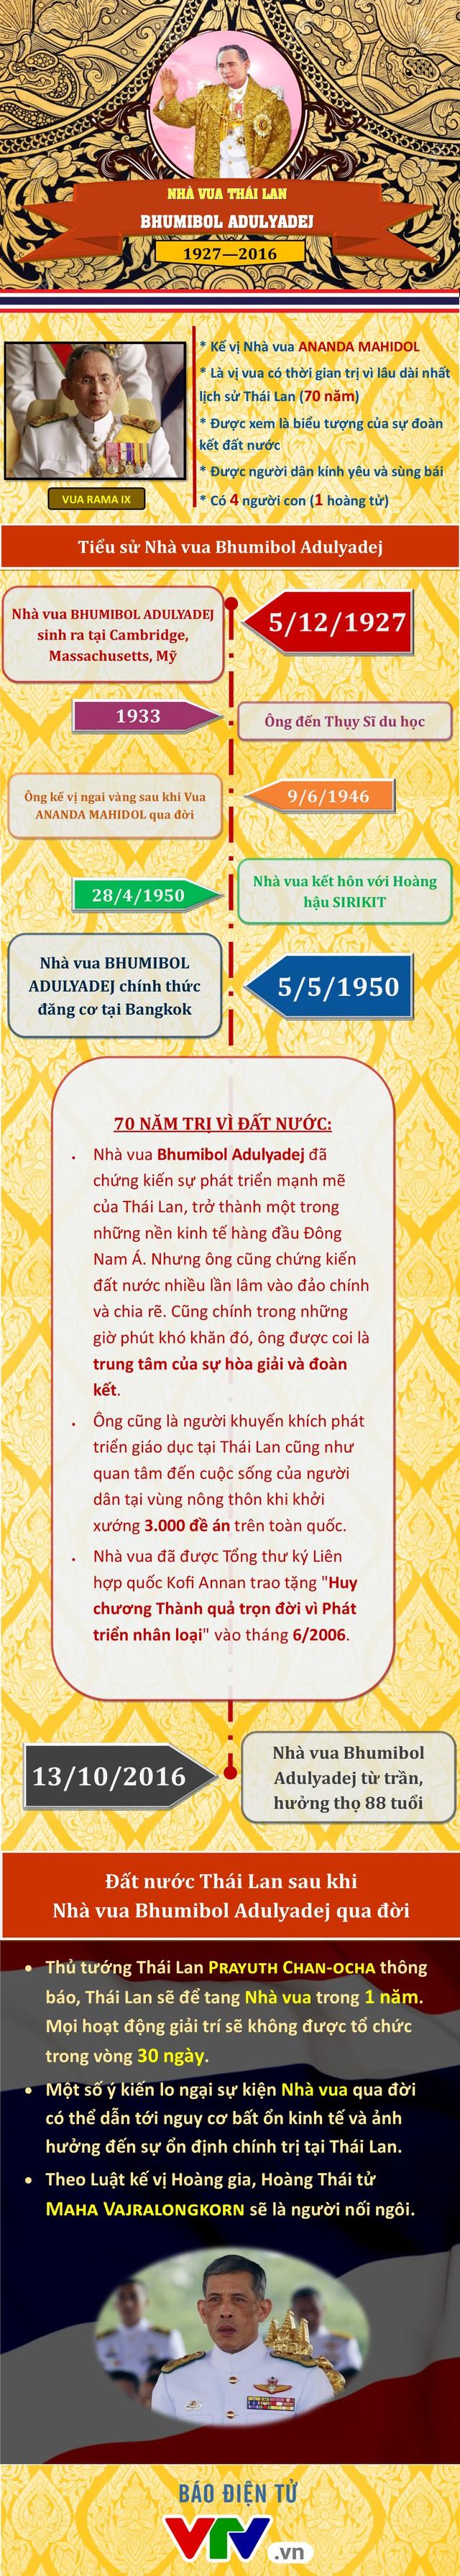 [INFOGRAPHIC] Vĩnh biệt Nhà vua Bhumibol Adulyadej - Vị quân vương được nhân dân Thái Lan tôn thờ - Ảnh 1.